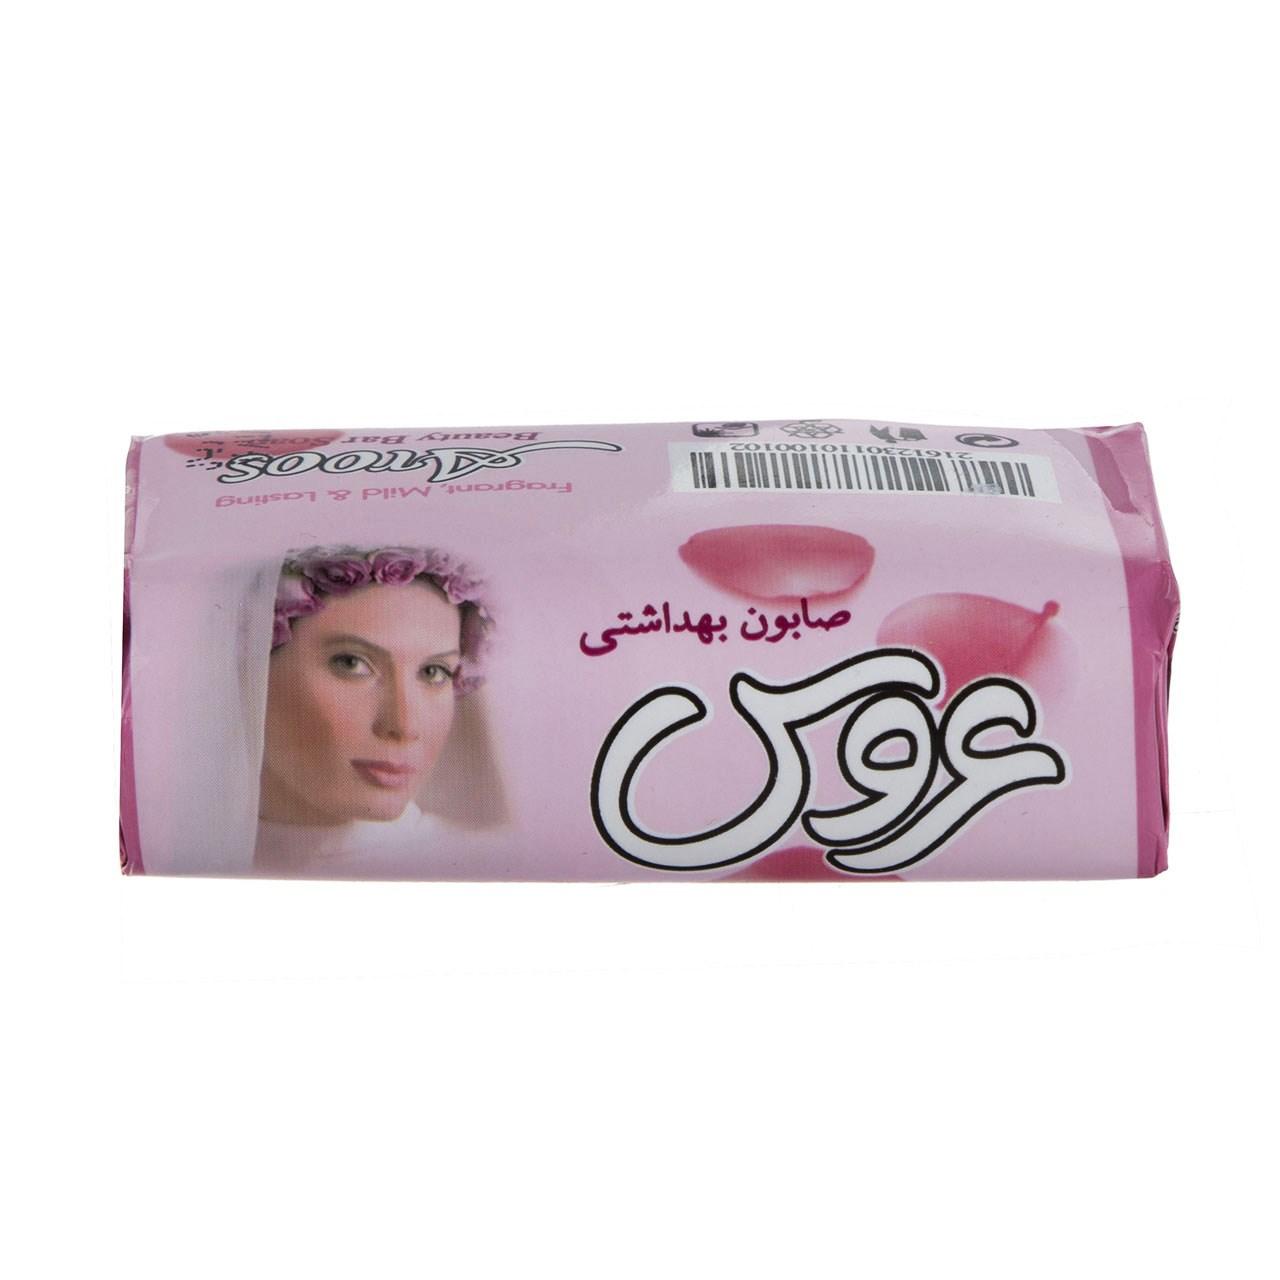 قیمت صابون زیبایی صورتی عروس مقدار 75 گرم